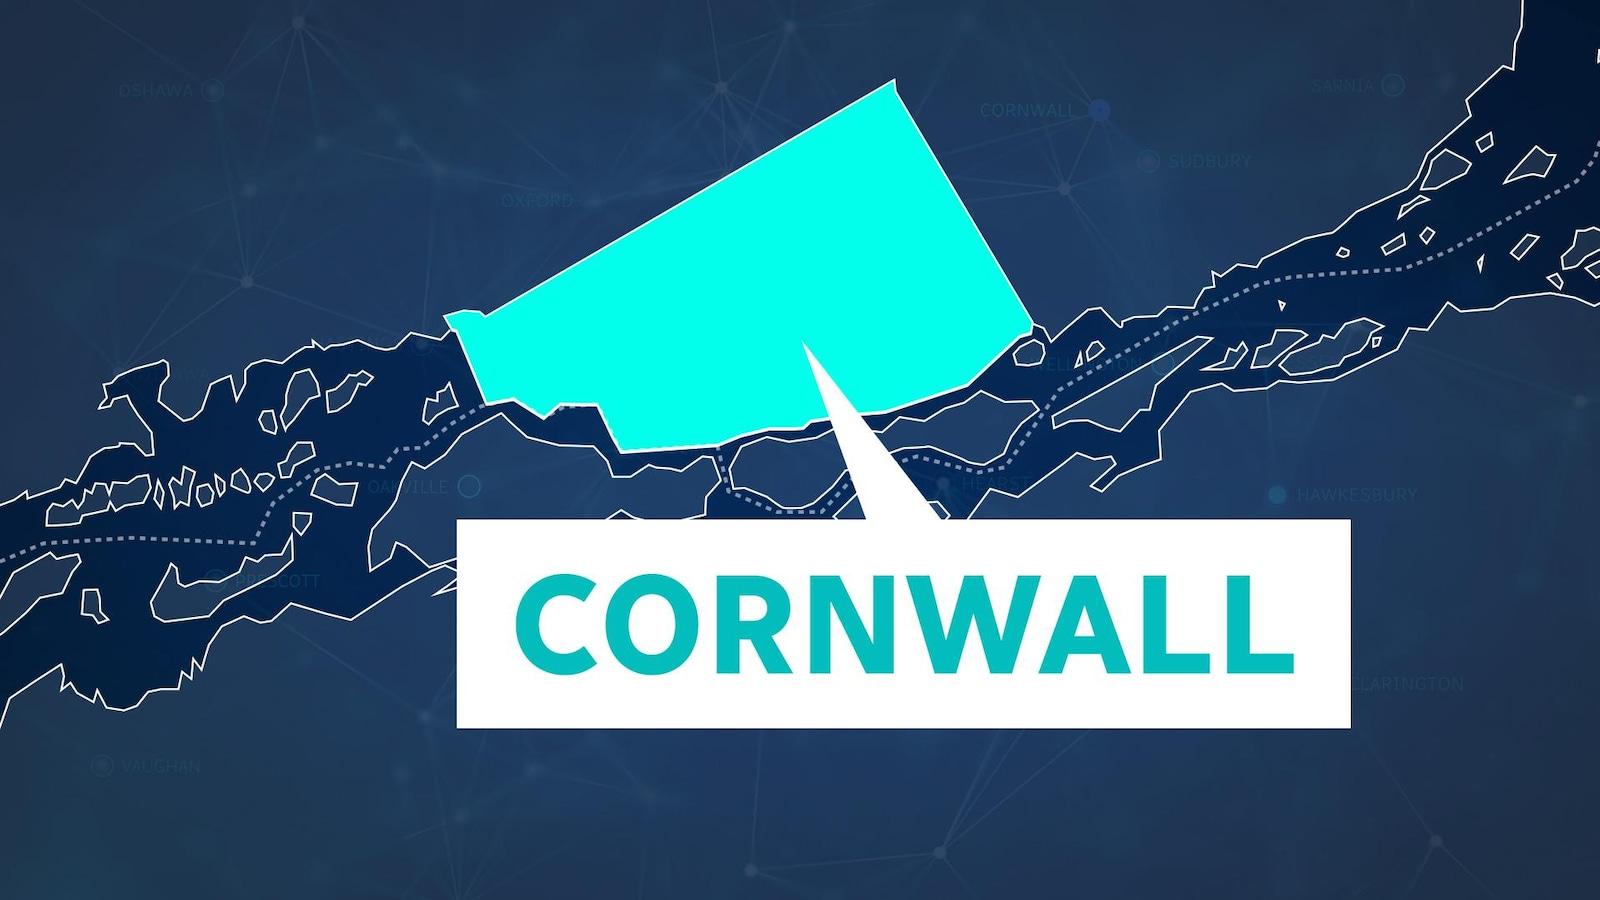 La ville de Cornwall indiquée sur une infographie.